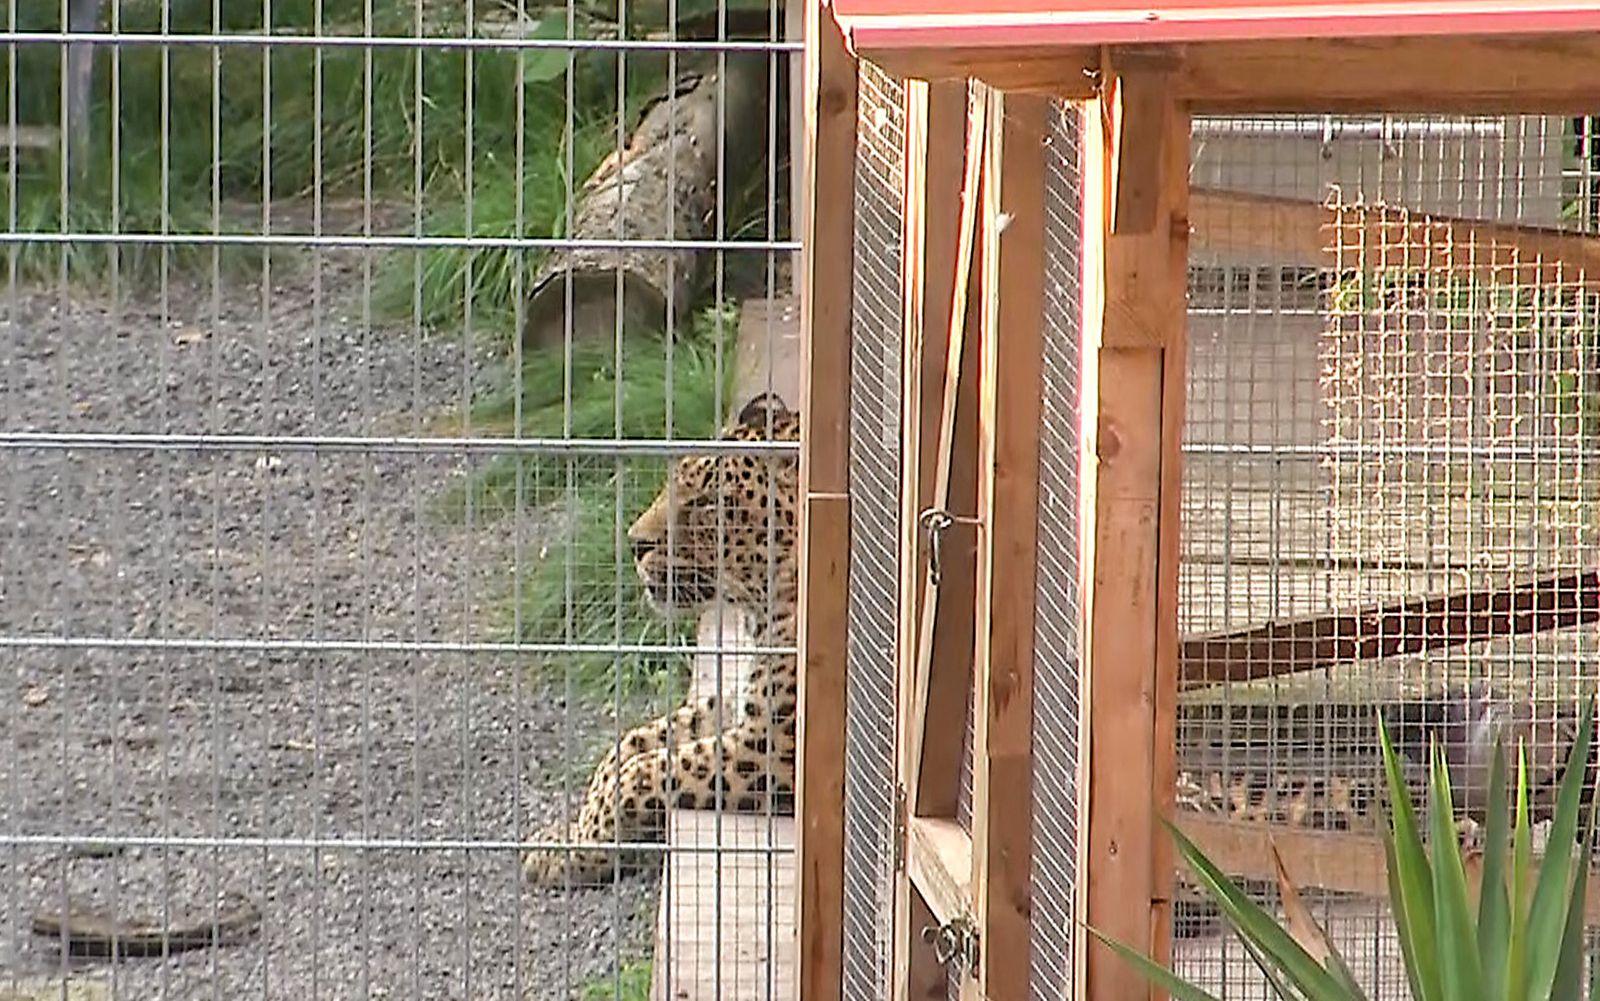 Frau bei Fotoshooting im Gehege von Leopard schwer verletzt